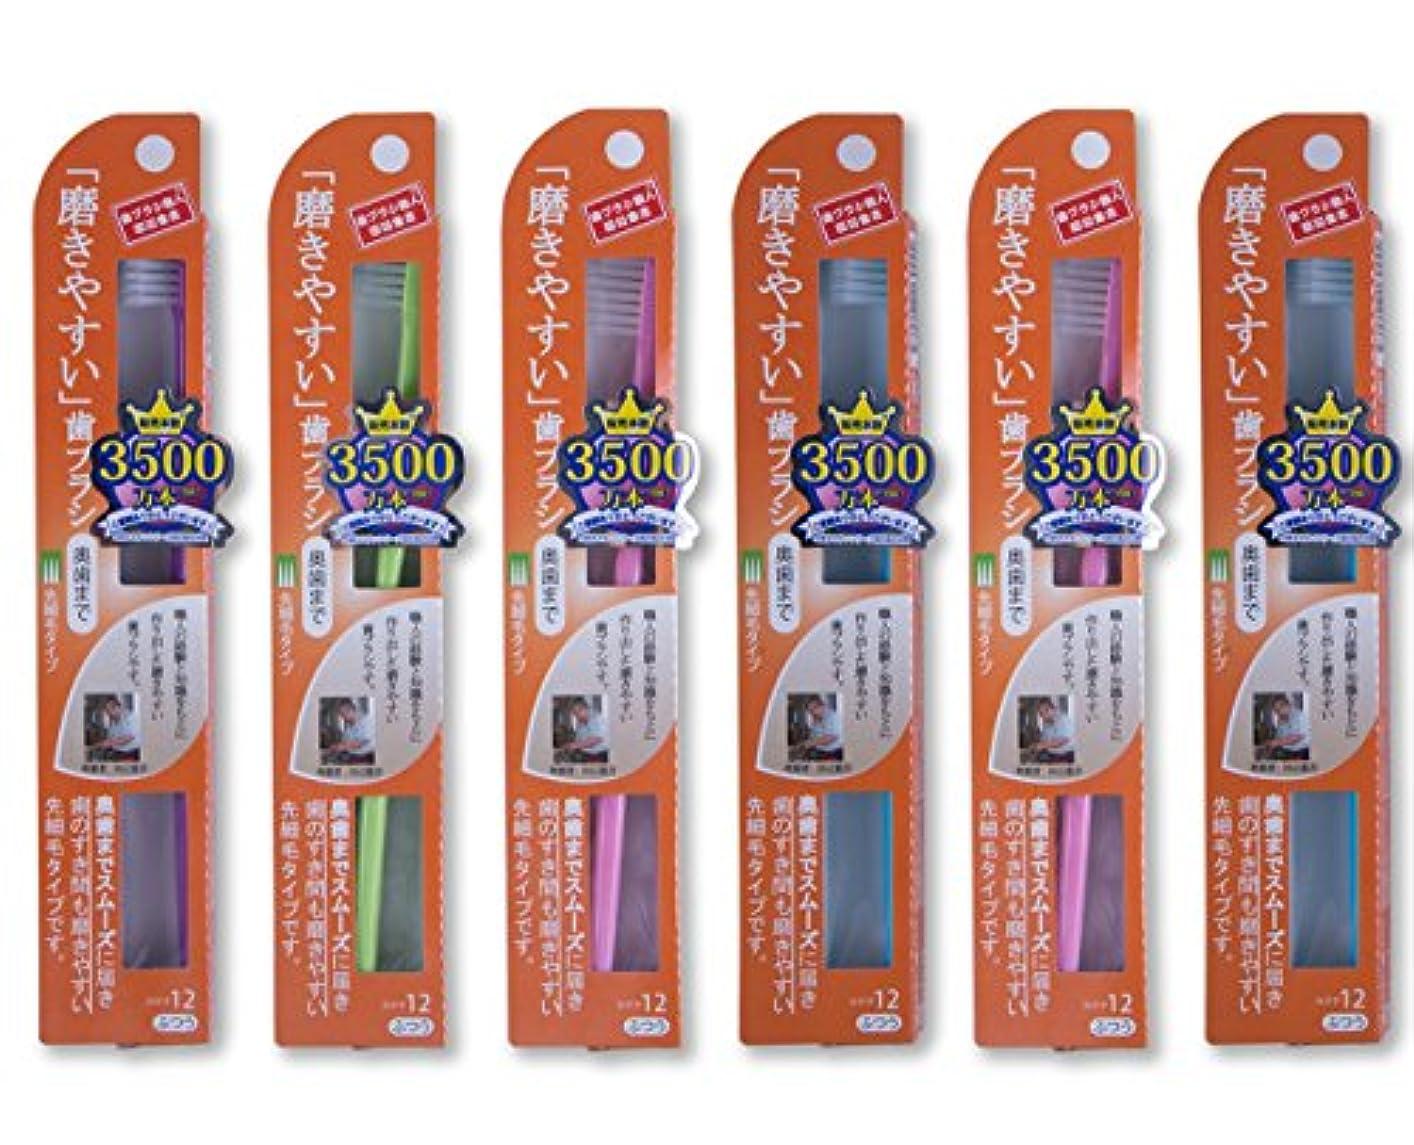 食事を調理する会員補充歯ブラシ職人 Artooth® 田辺重吉  日本製 磨きやすい歯ブラシ(奥歯まで)先細 LT-12 (6本入)